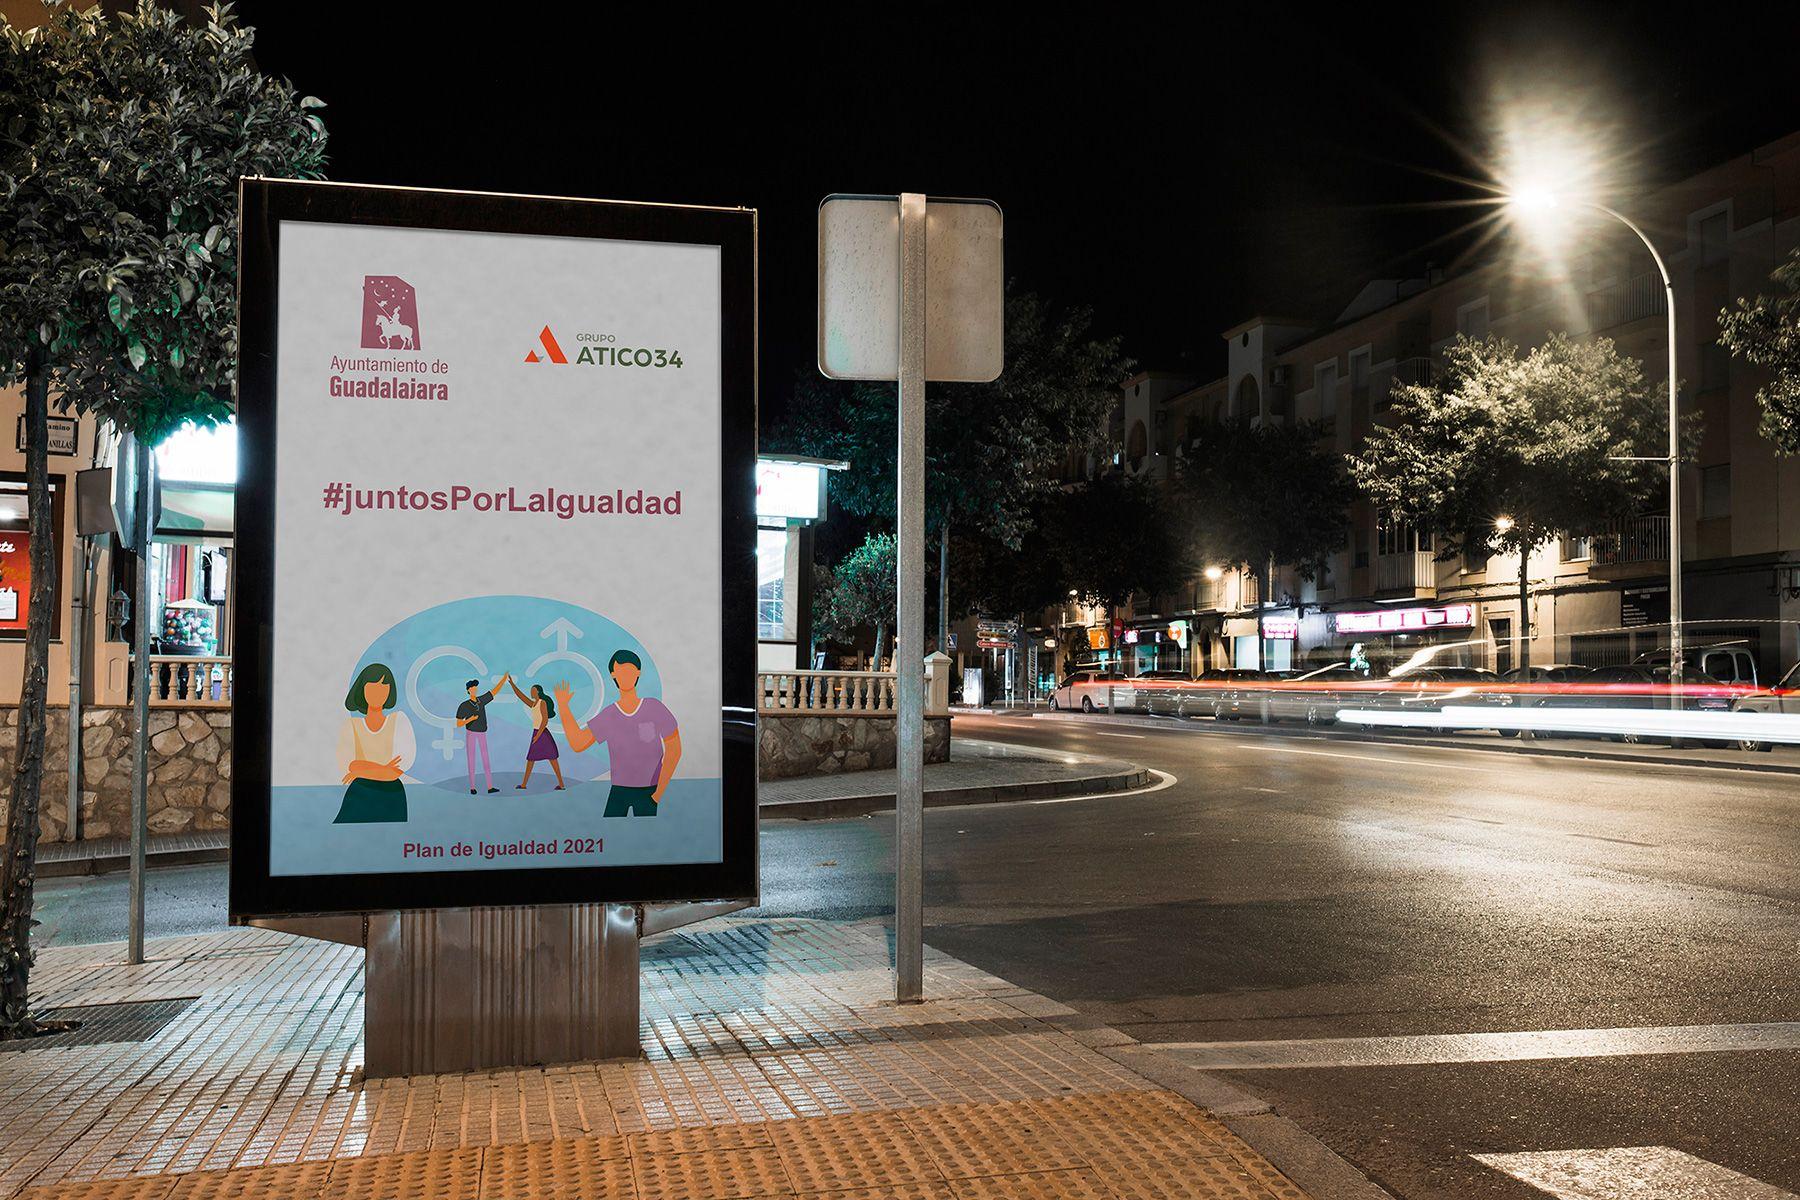 Grupo Atico34 diseña un Plan de Igualdad con medidas pioneras para el Ayuntamiento de Guadalajara